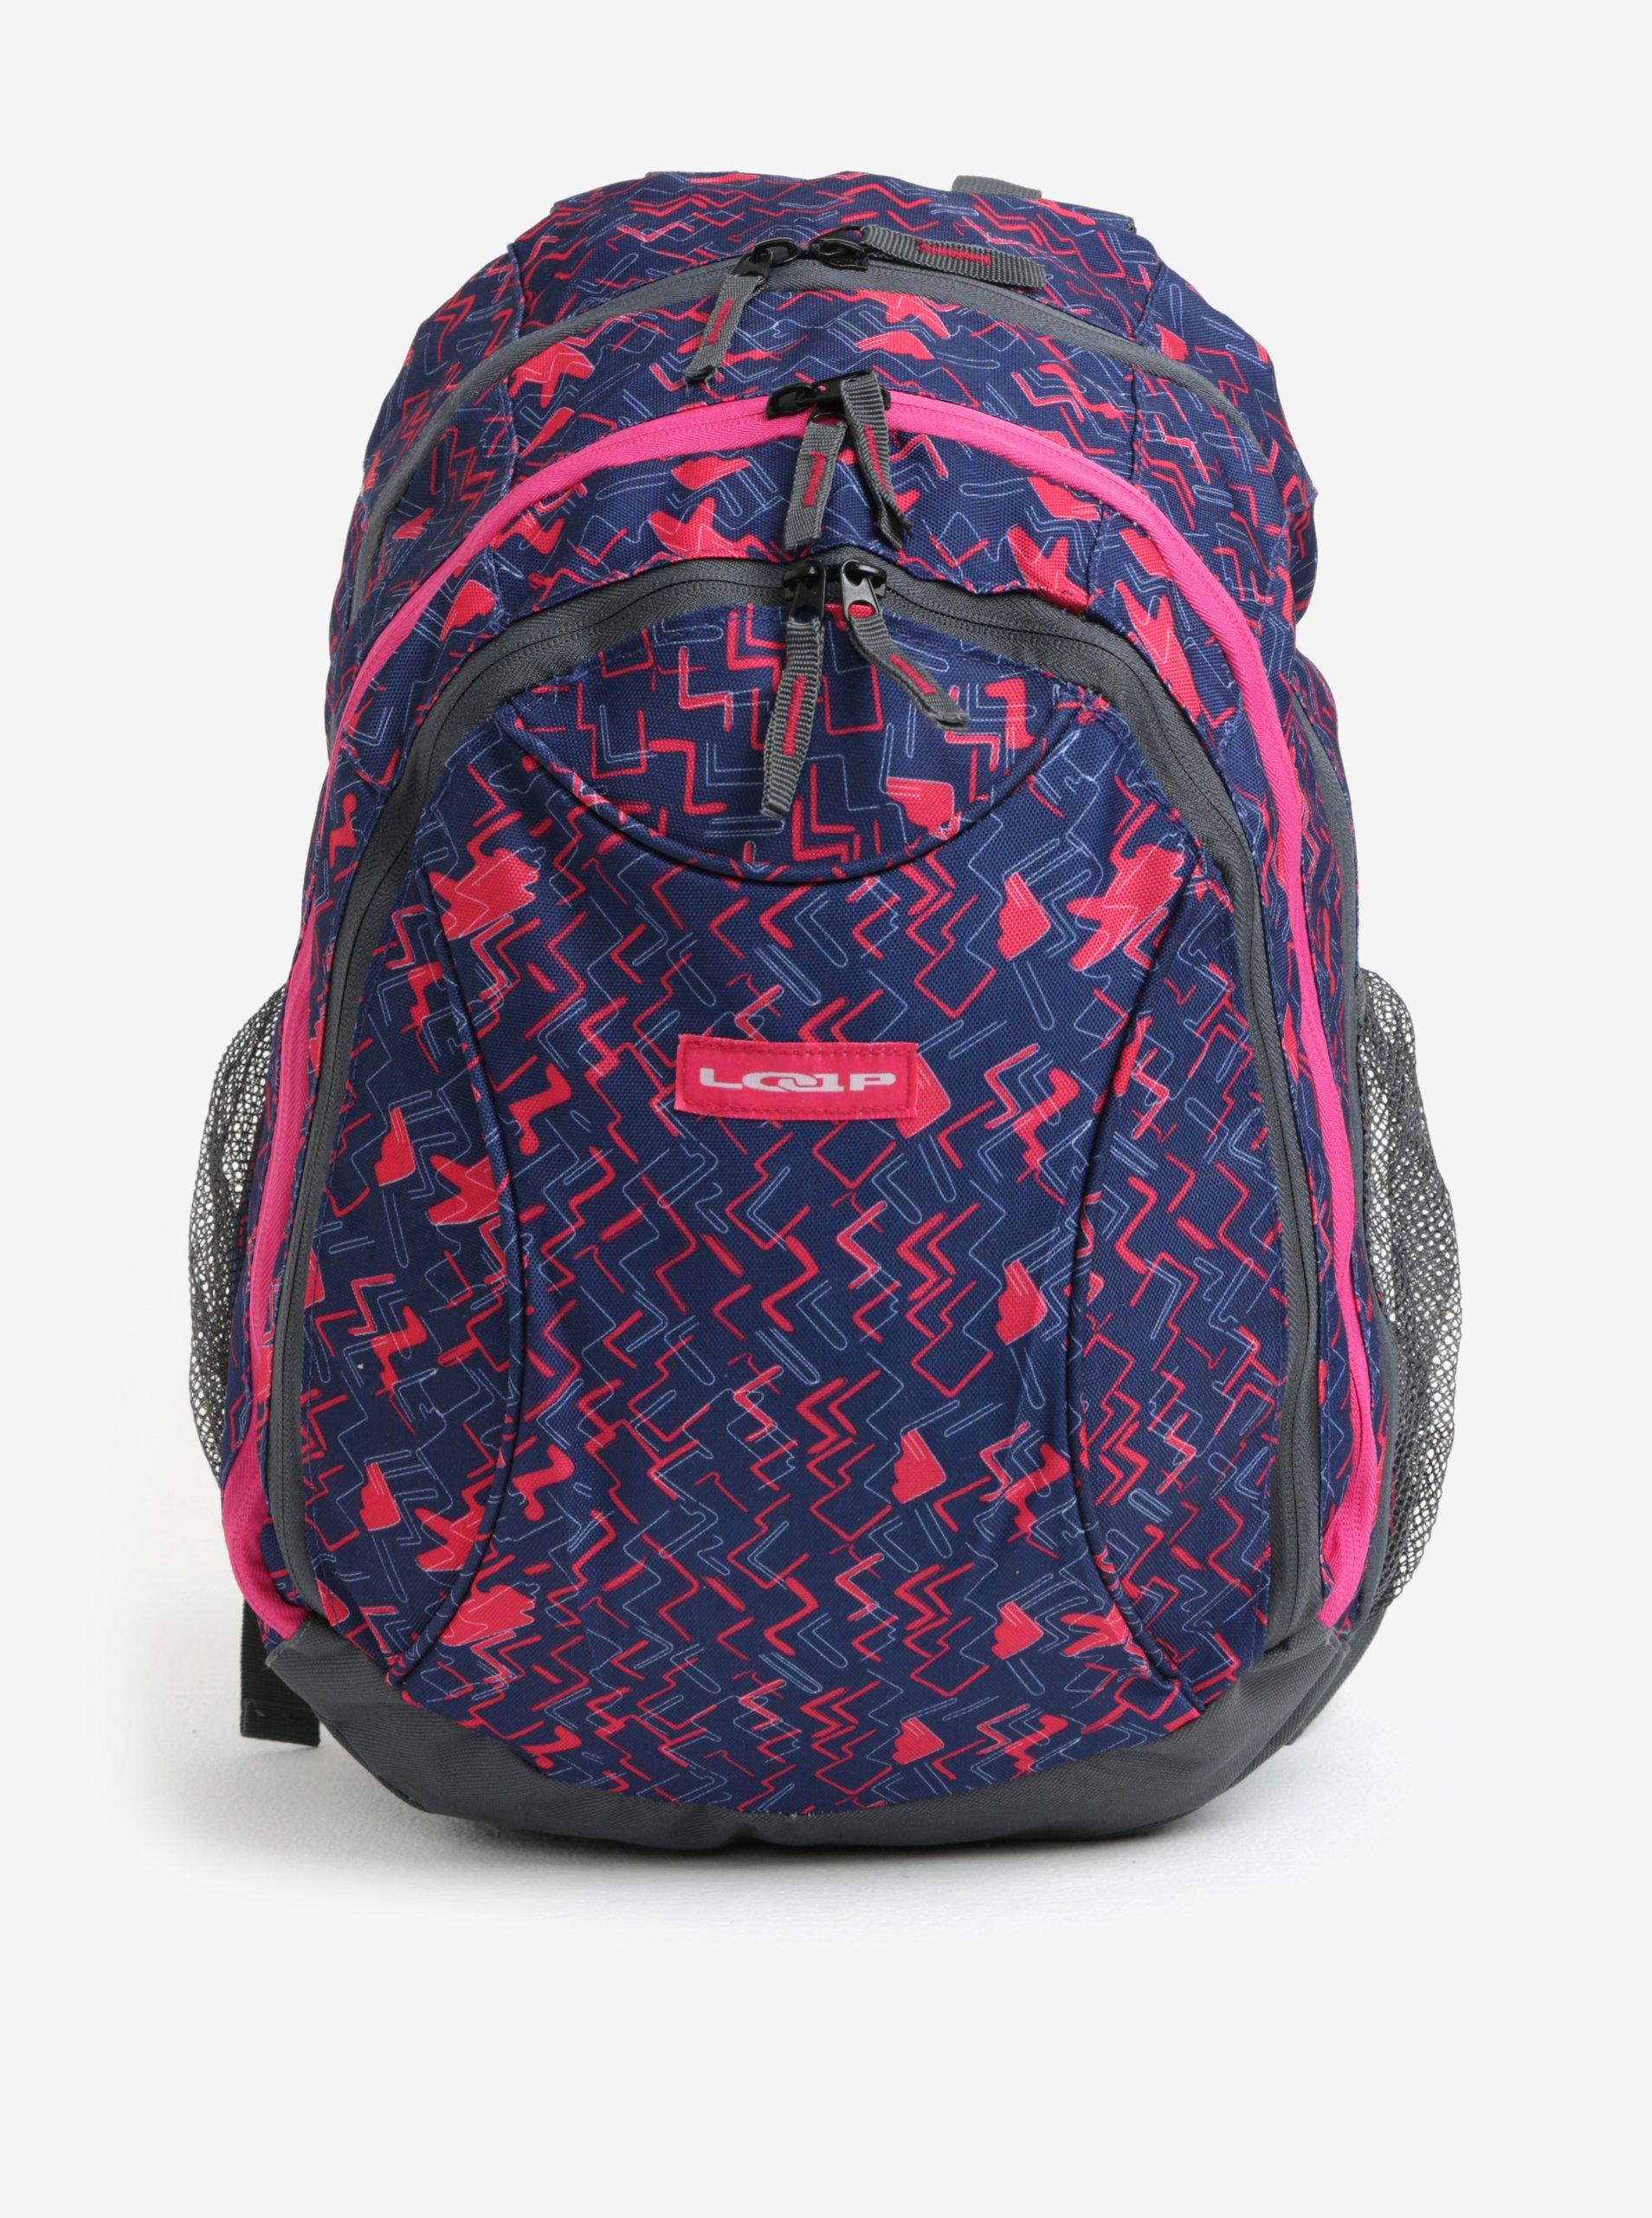 Fotografie Modro-růžový vzorovaný holčičí batoh LOAP Shaw 25 l